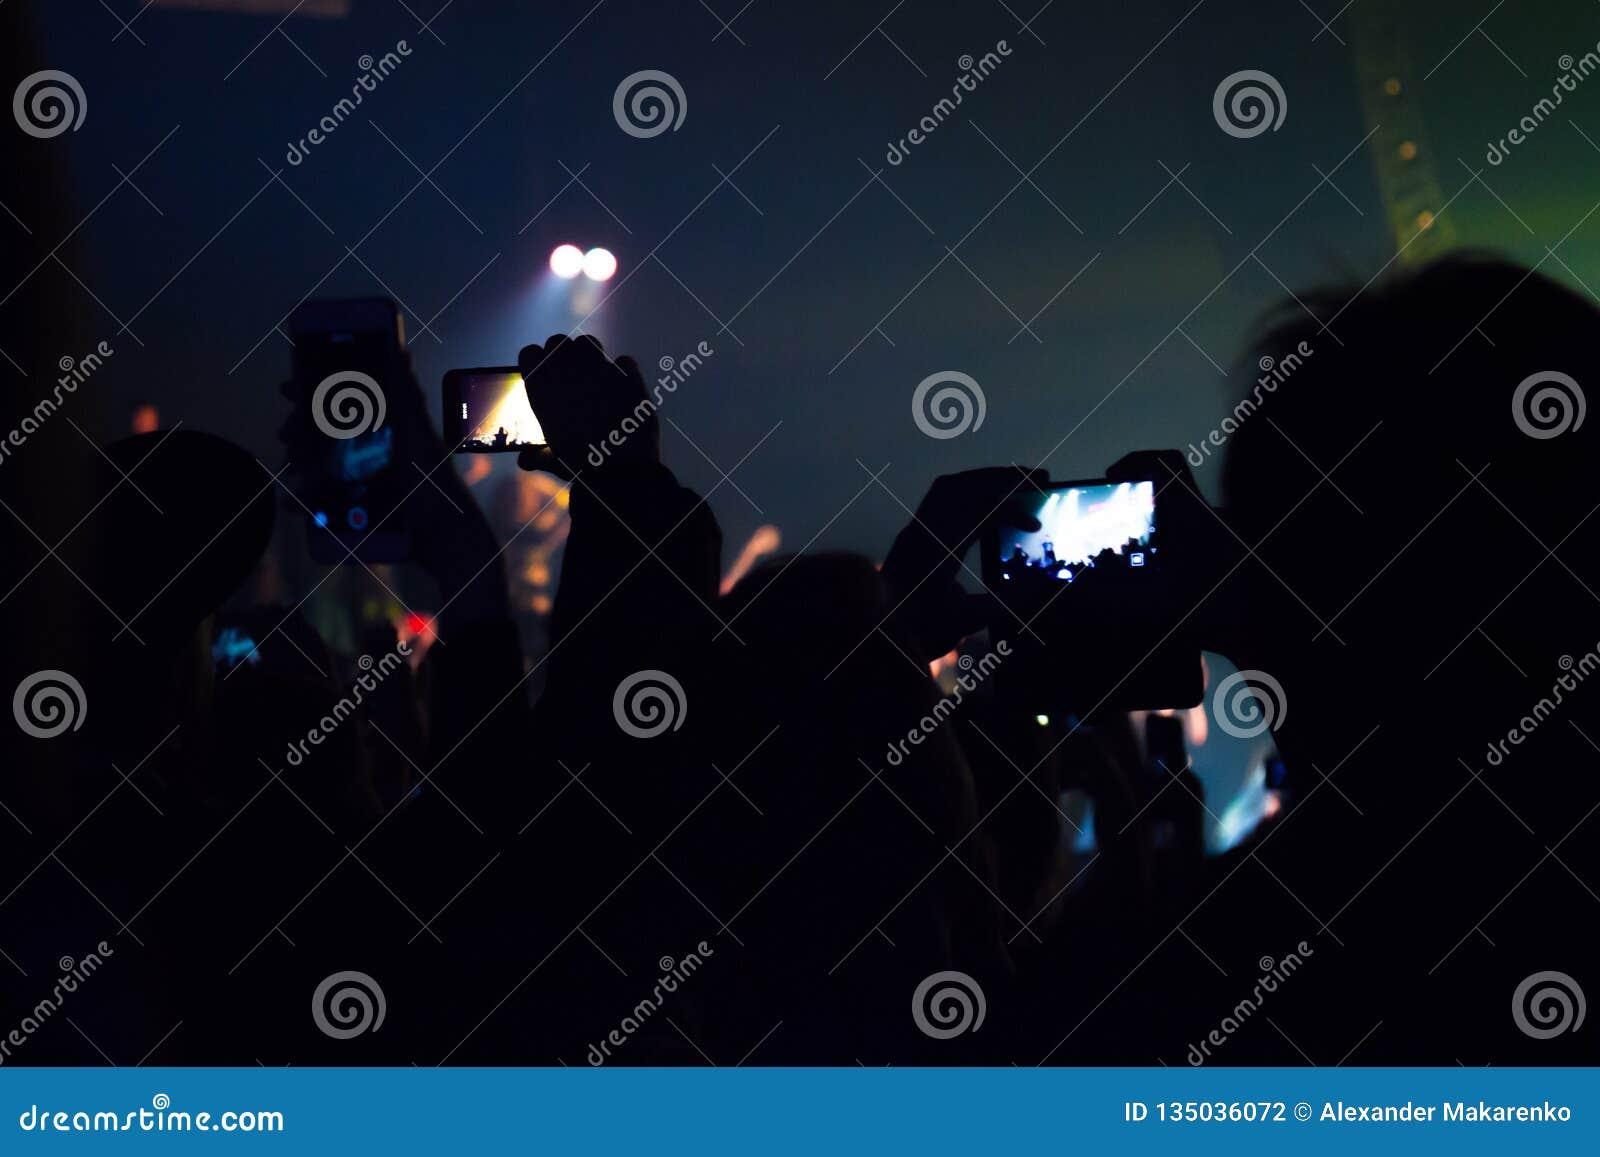 Люди наблюдая концерт и кто-то фото и видео стрельбы с мобильным телефоном